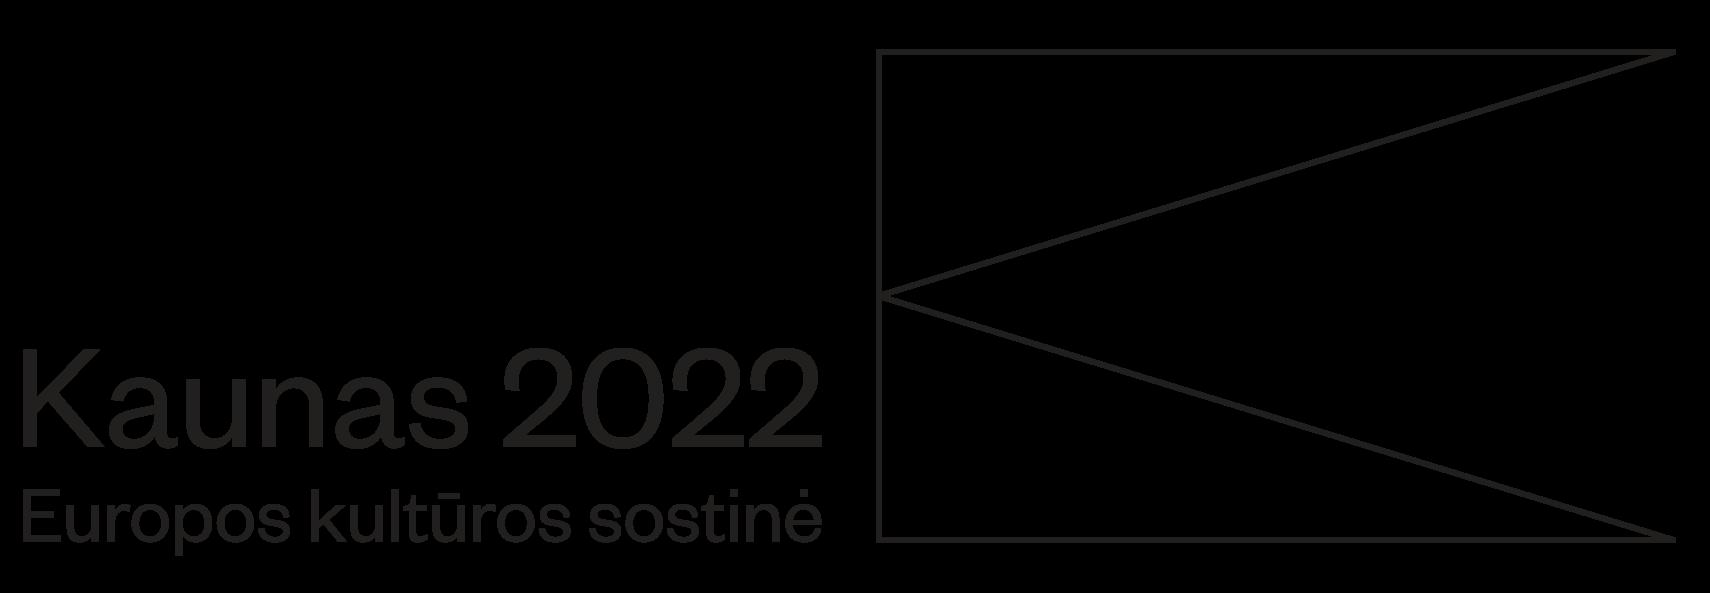 Kaunas 2022 logo